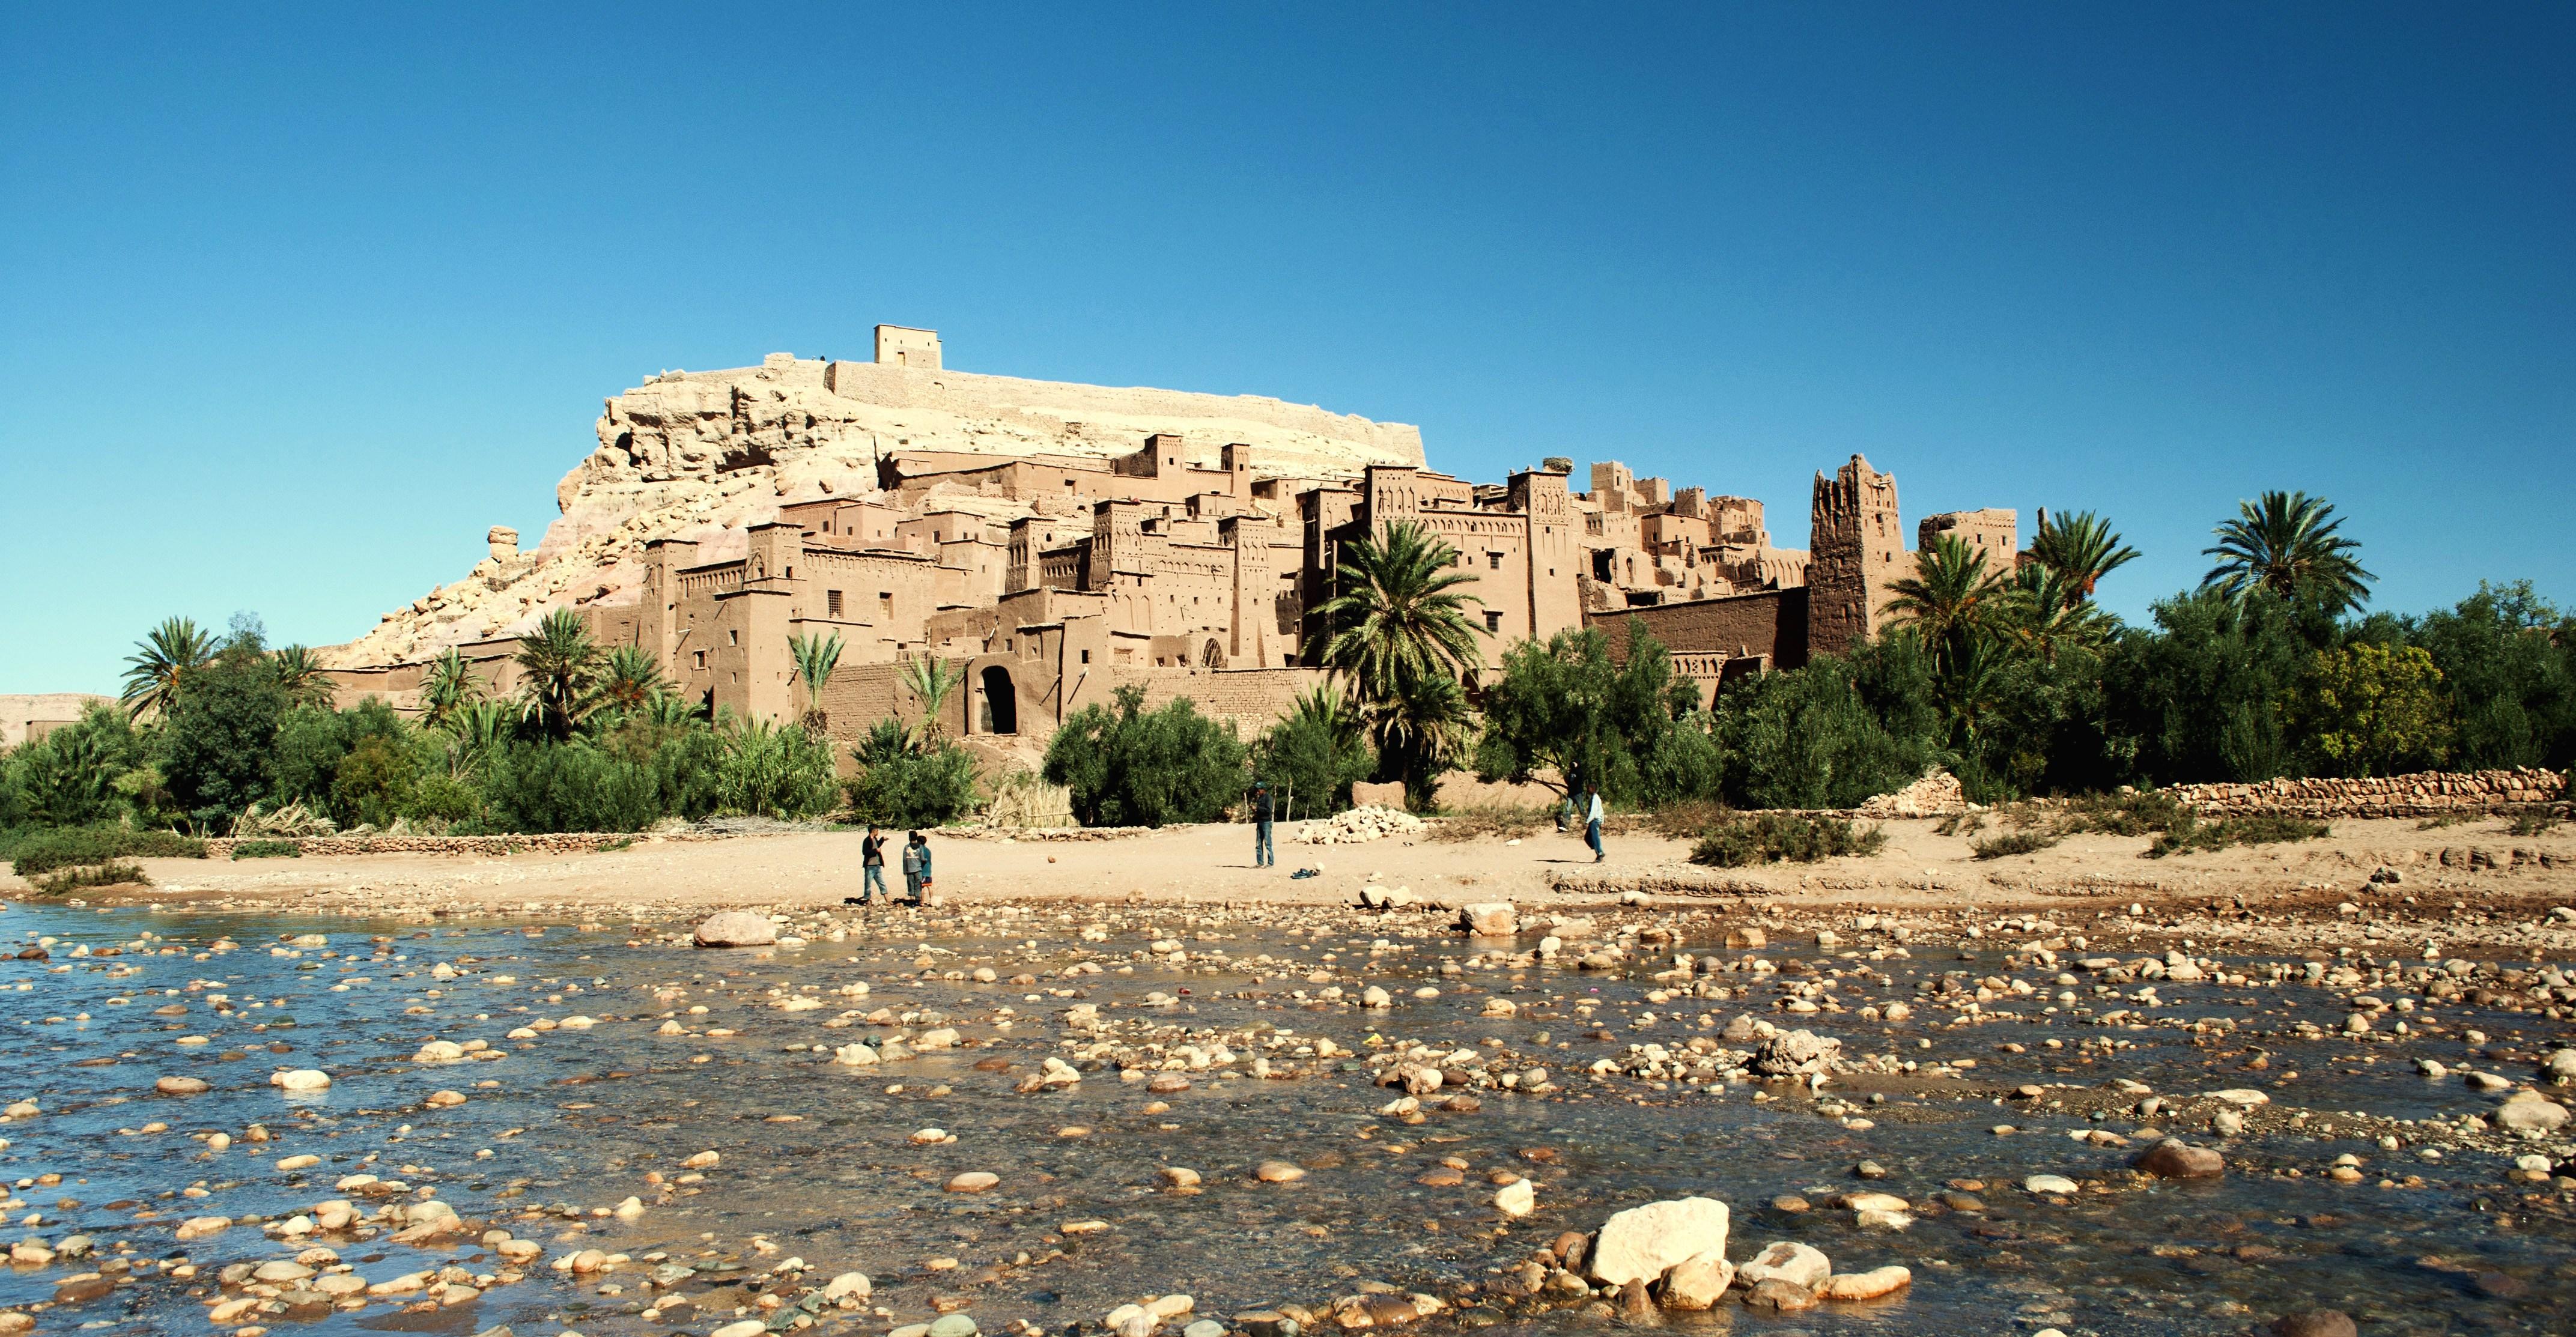 Мобильная связь и бесплатный Wi-Fi в Марокко